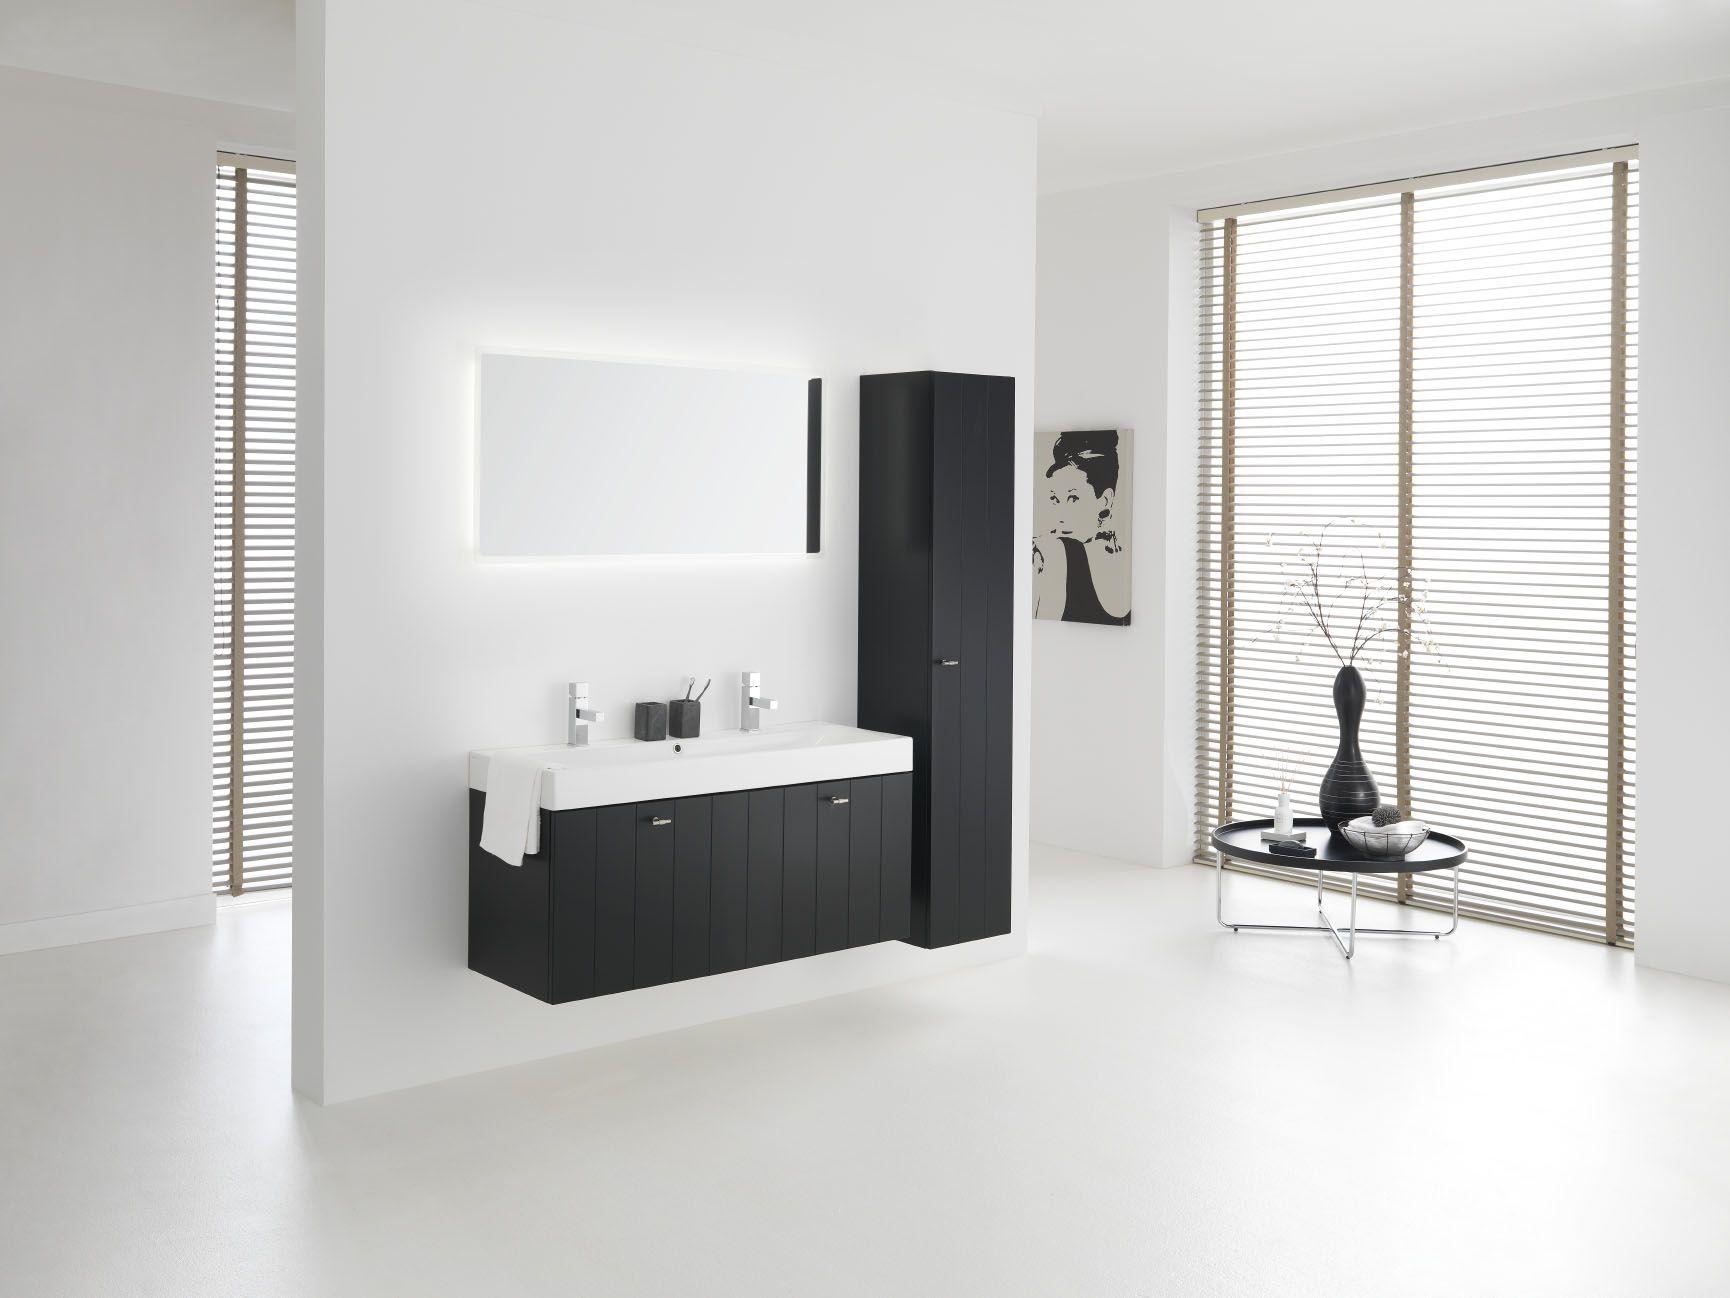 Hoge Spiegelkast Badkamer : Ink spiegelkast finest hoge kast badkamer hoge spiegelkast